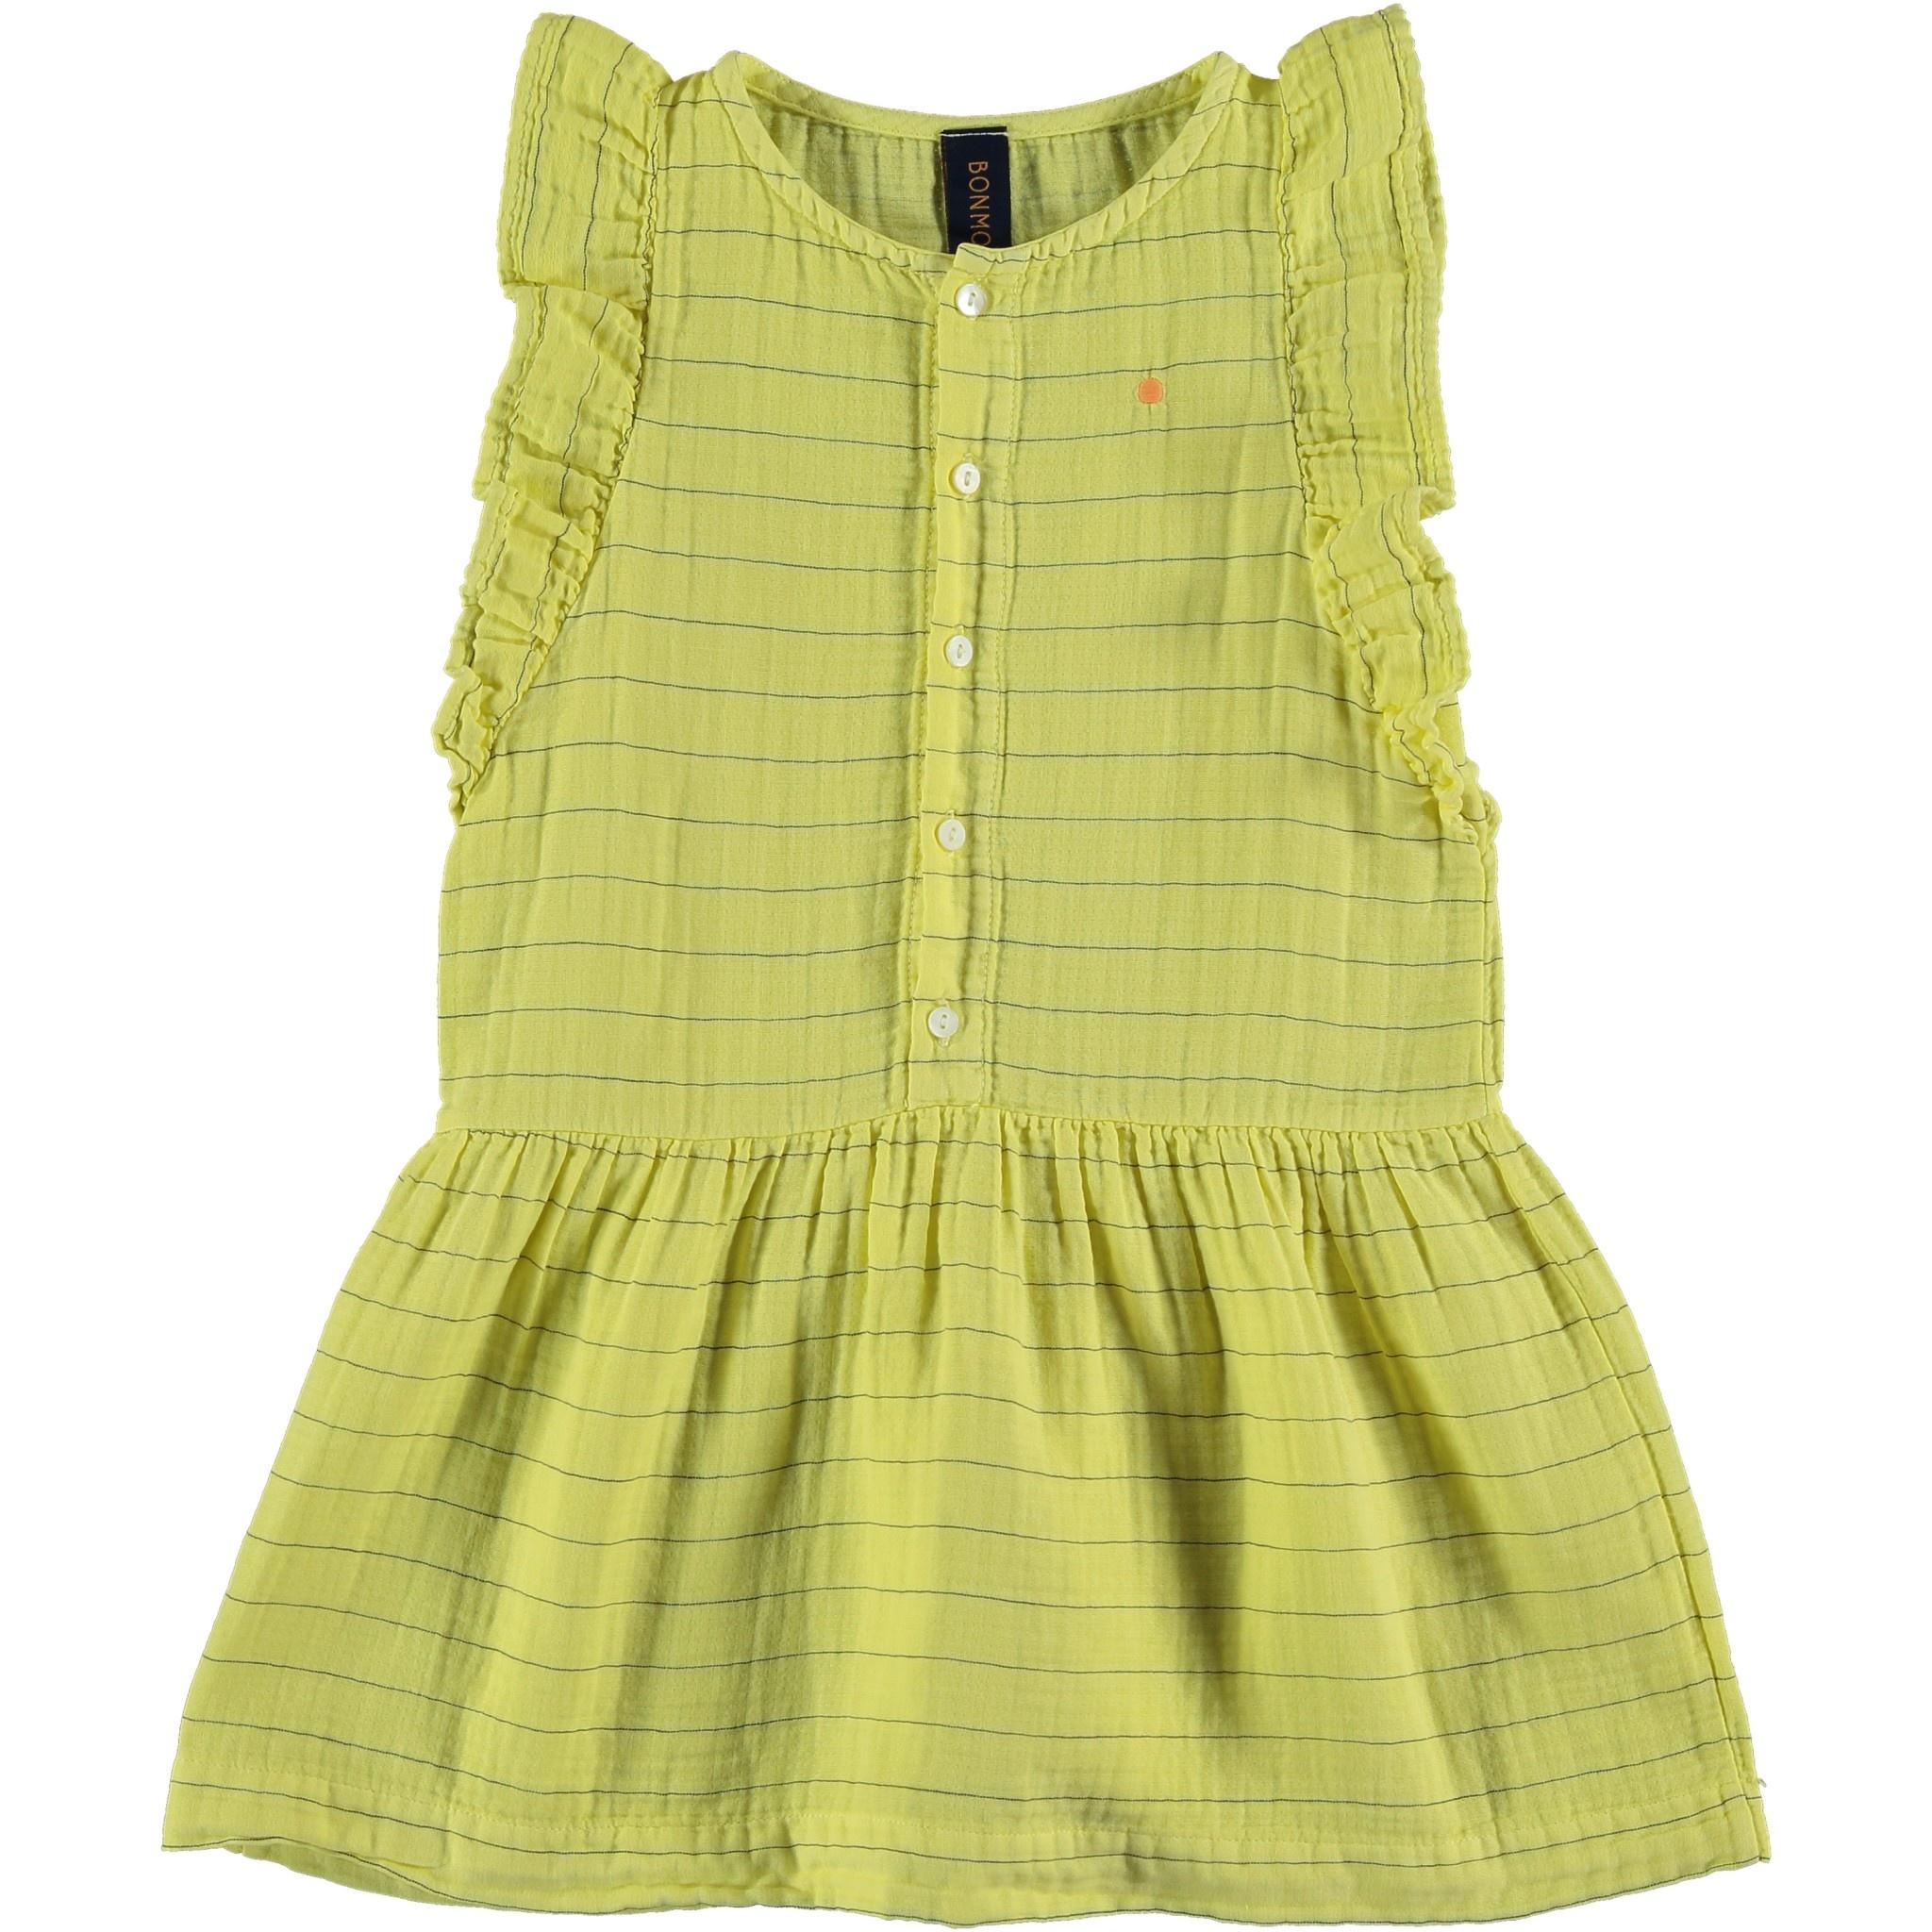 Dress frill stripes dot sunshine yellow kids-3